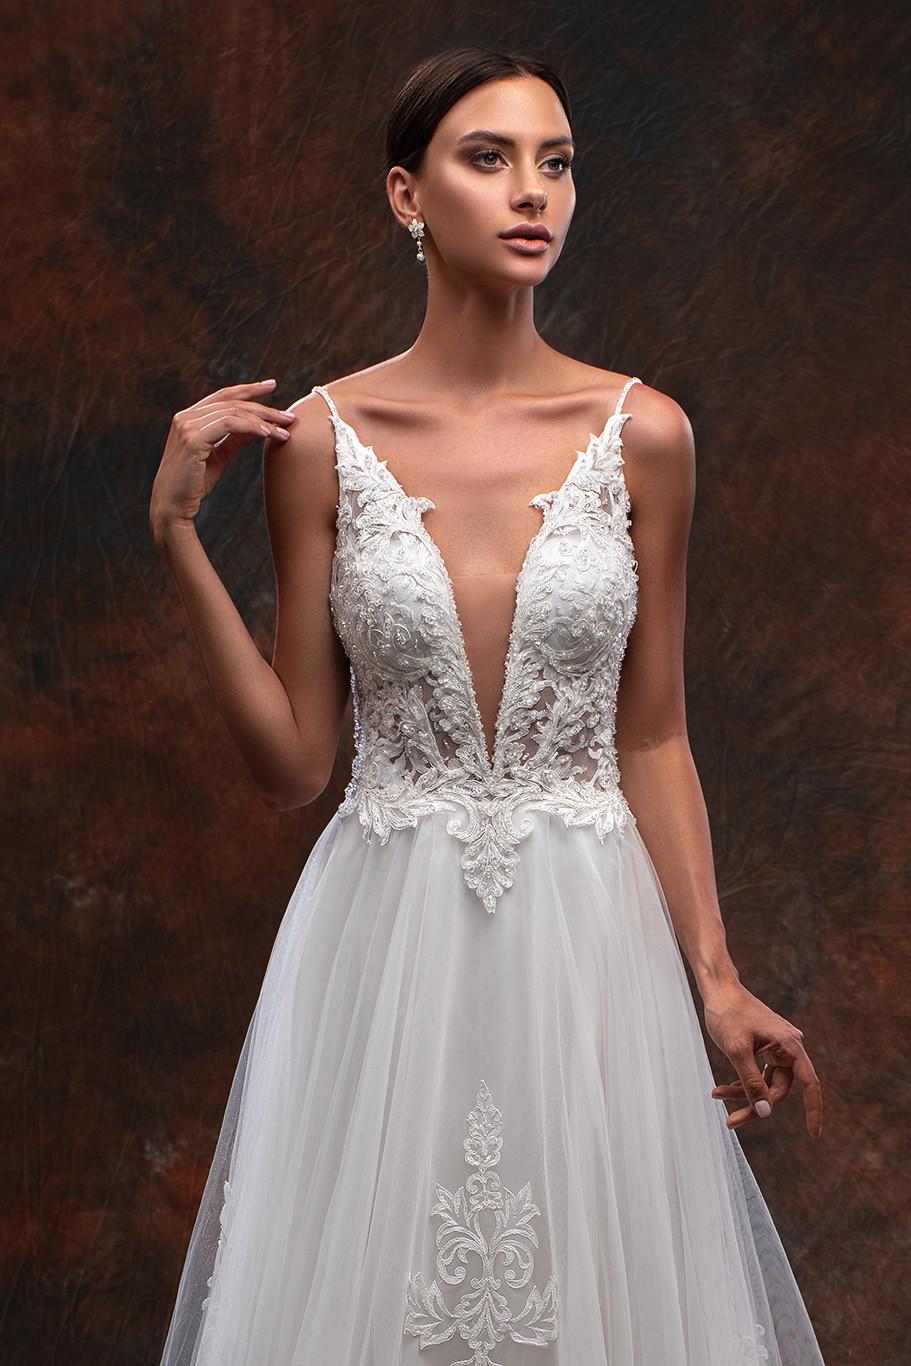 Amazing A-line wedding dress Danio by Hadassa, beaded wedding dress with swarovski crystals